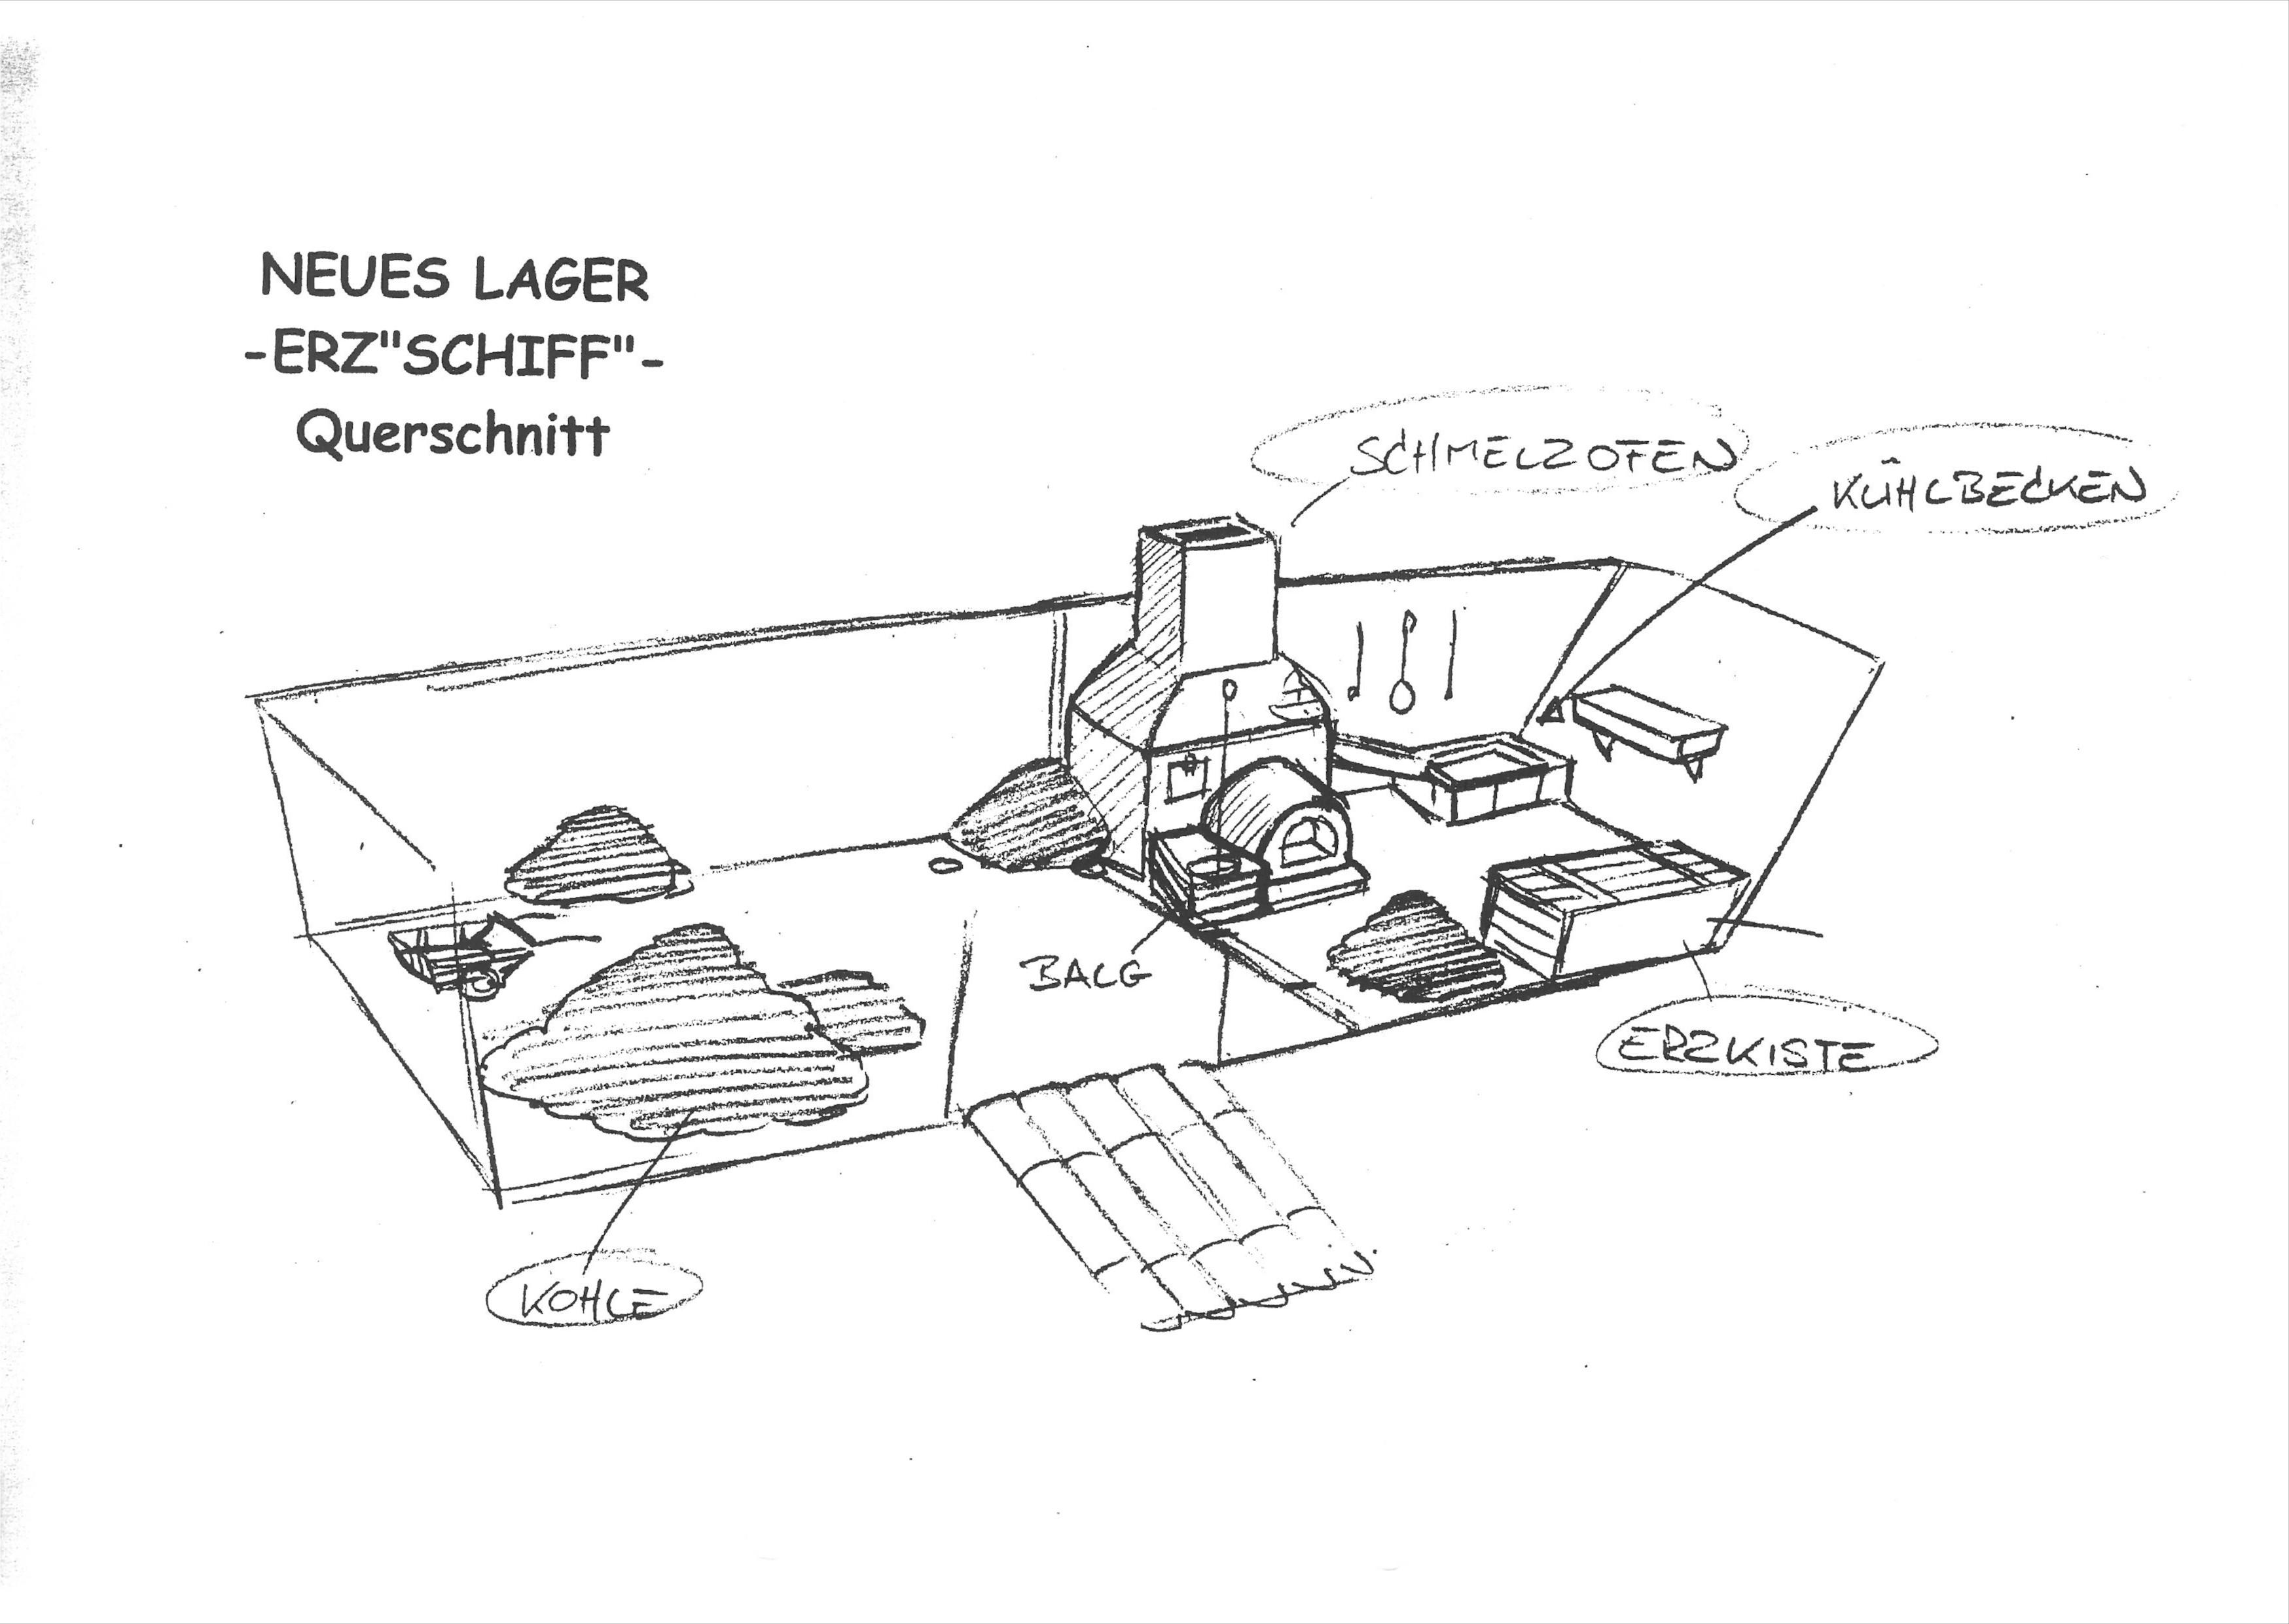 Neues Lager - Erzschiff-Querschnitt